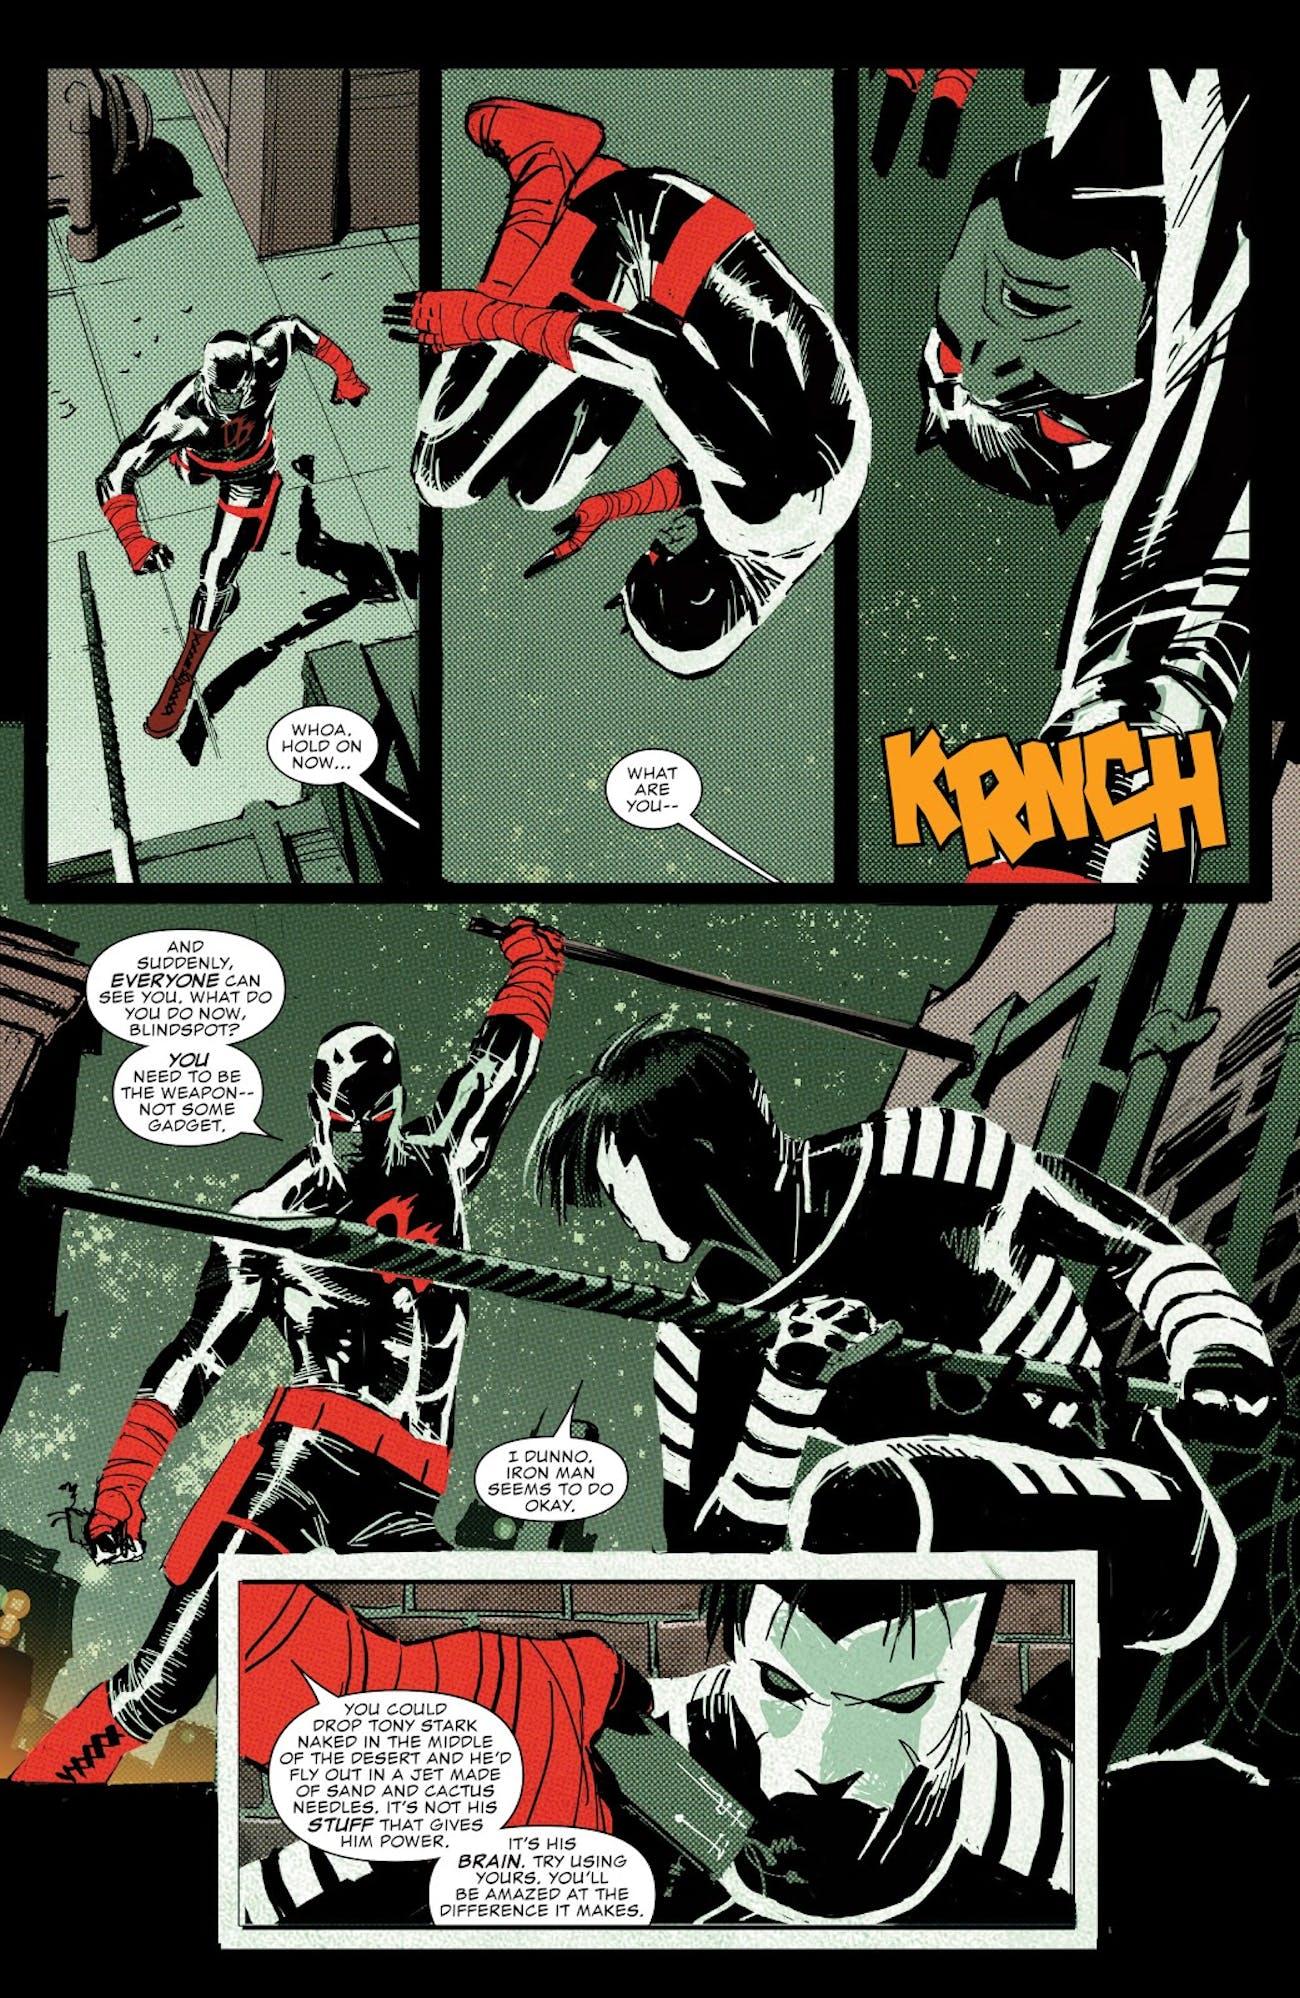 Daredevil Season 2 Blindspot